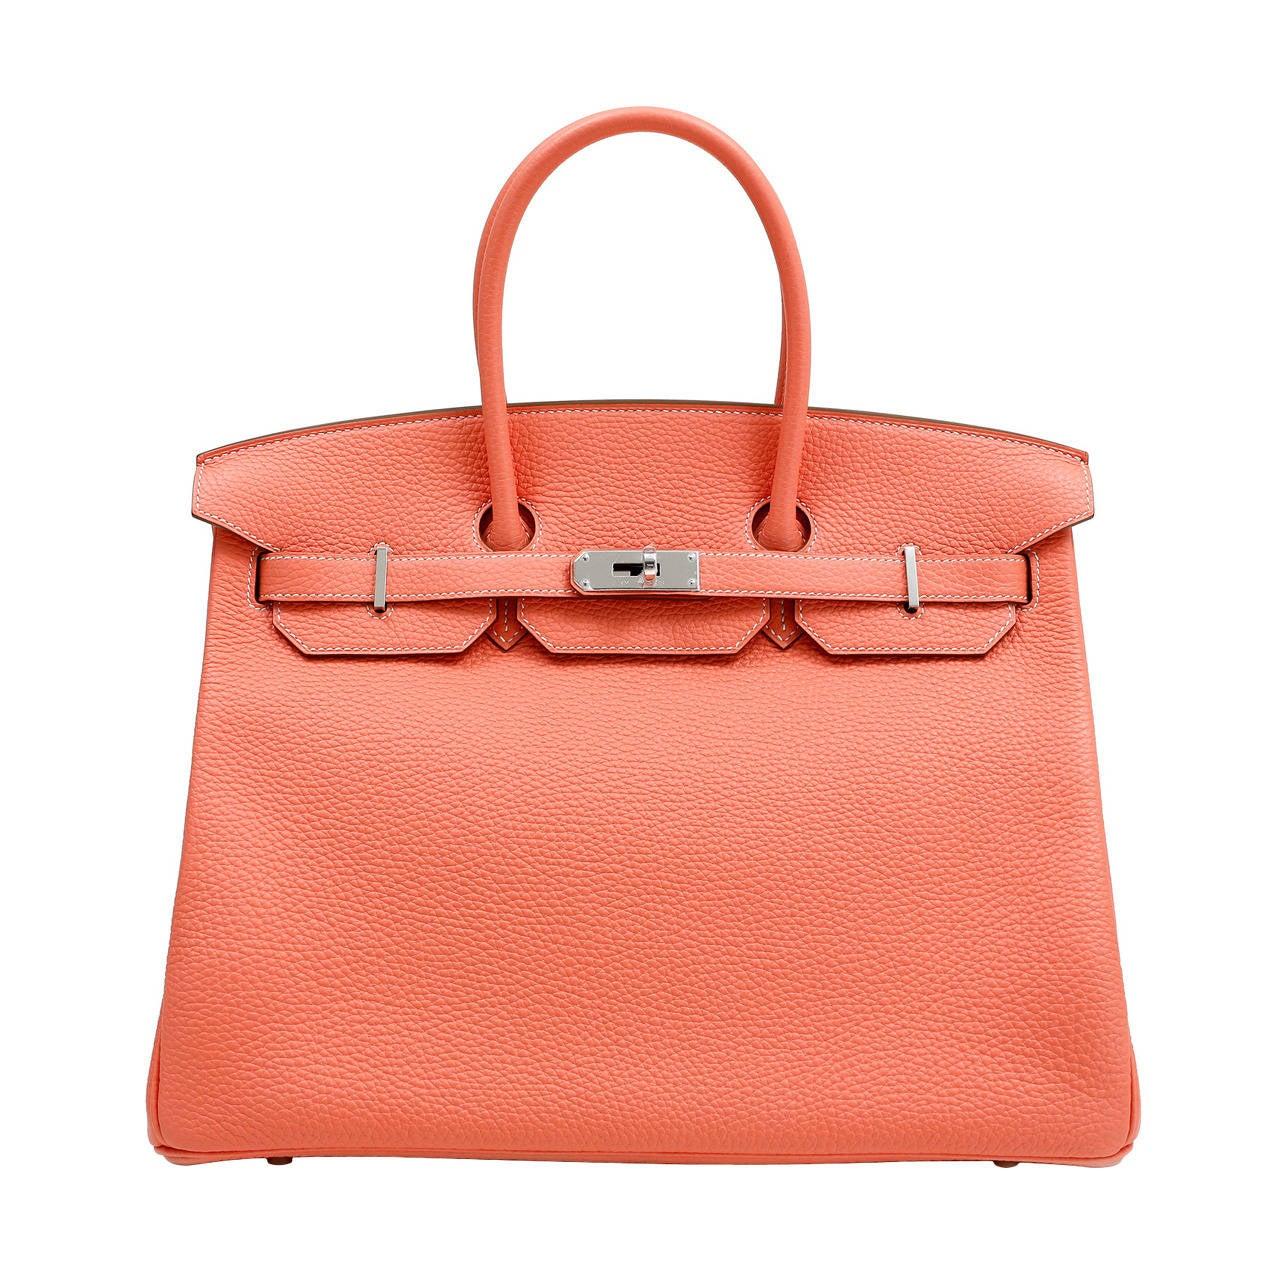 Hermes Crevette Togo 35 cm Birkin Bag- Salmon Pink Color 1